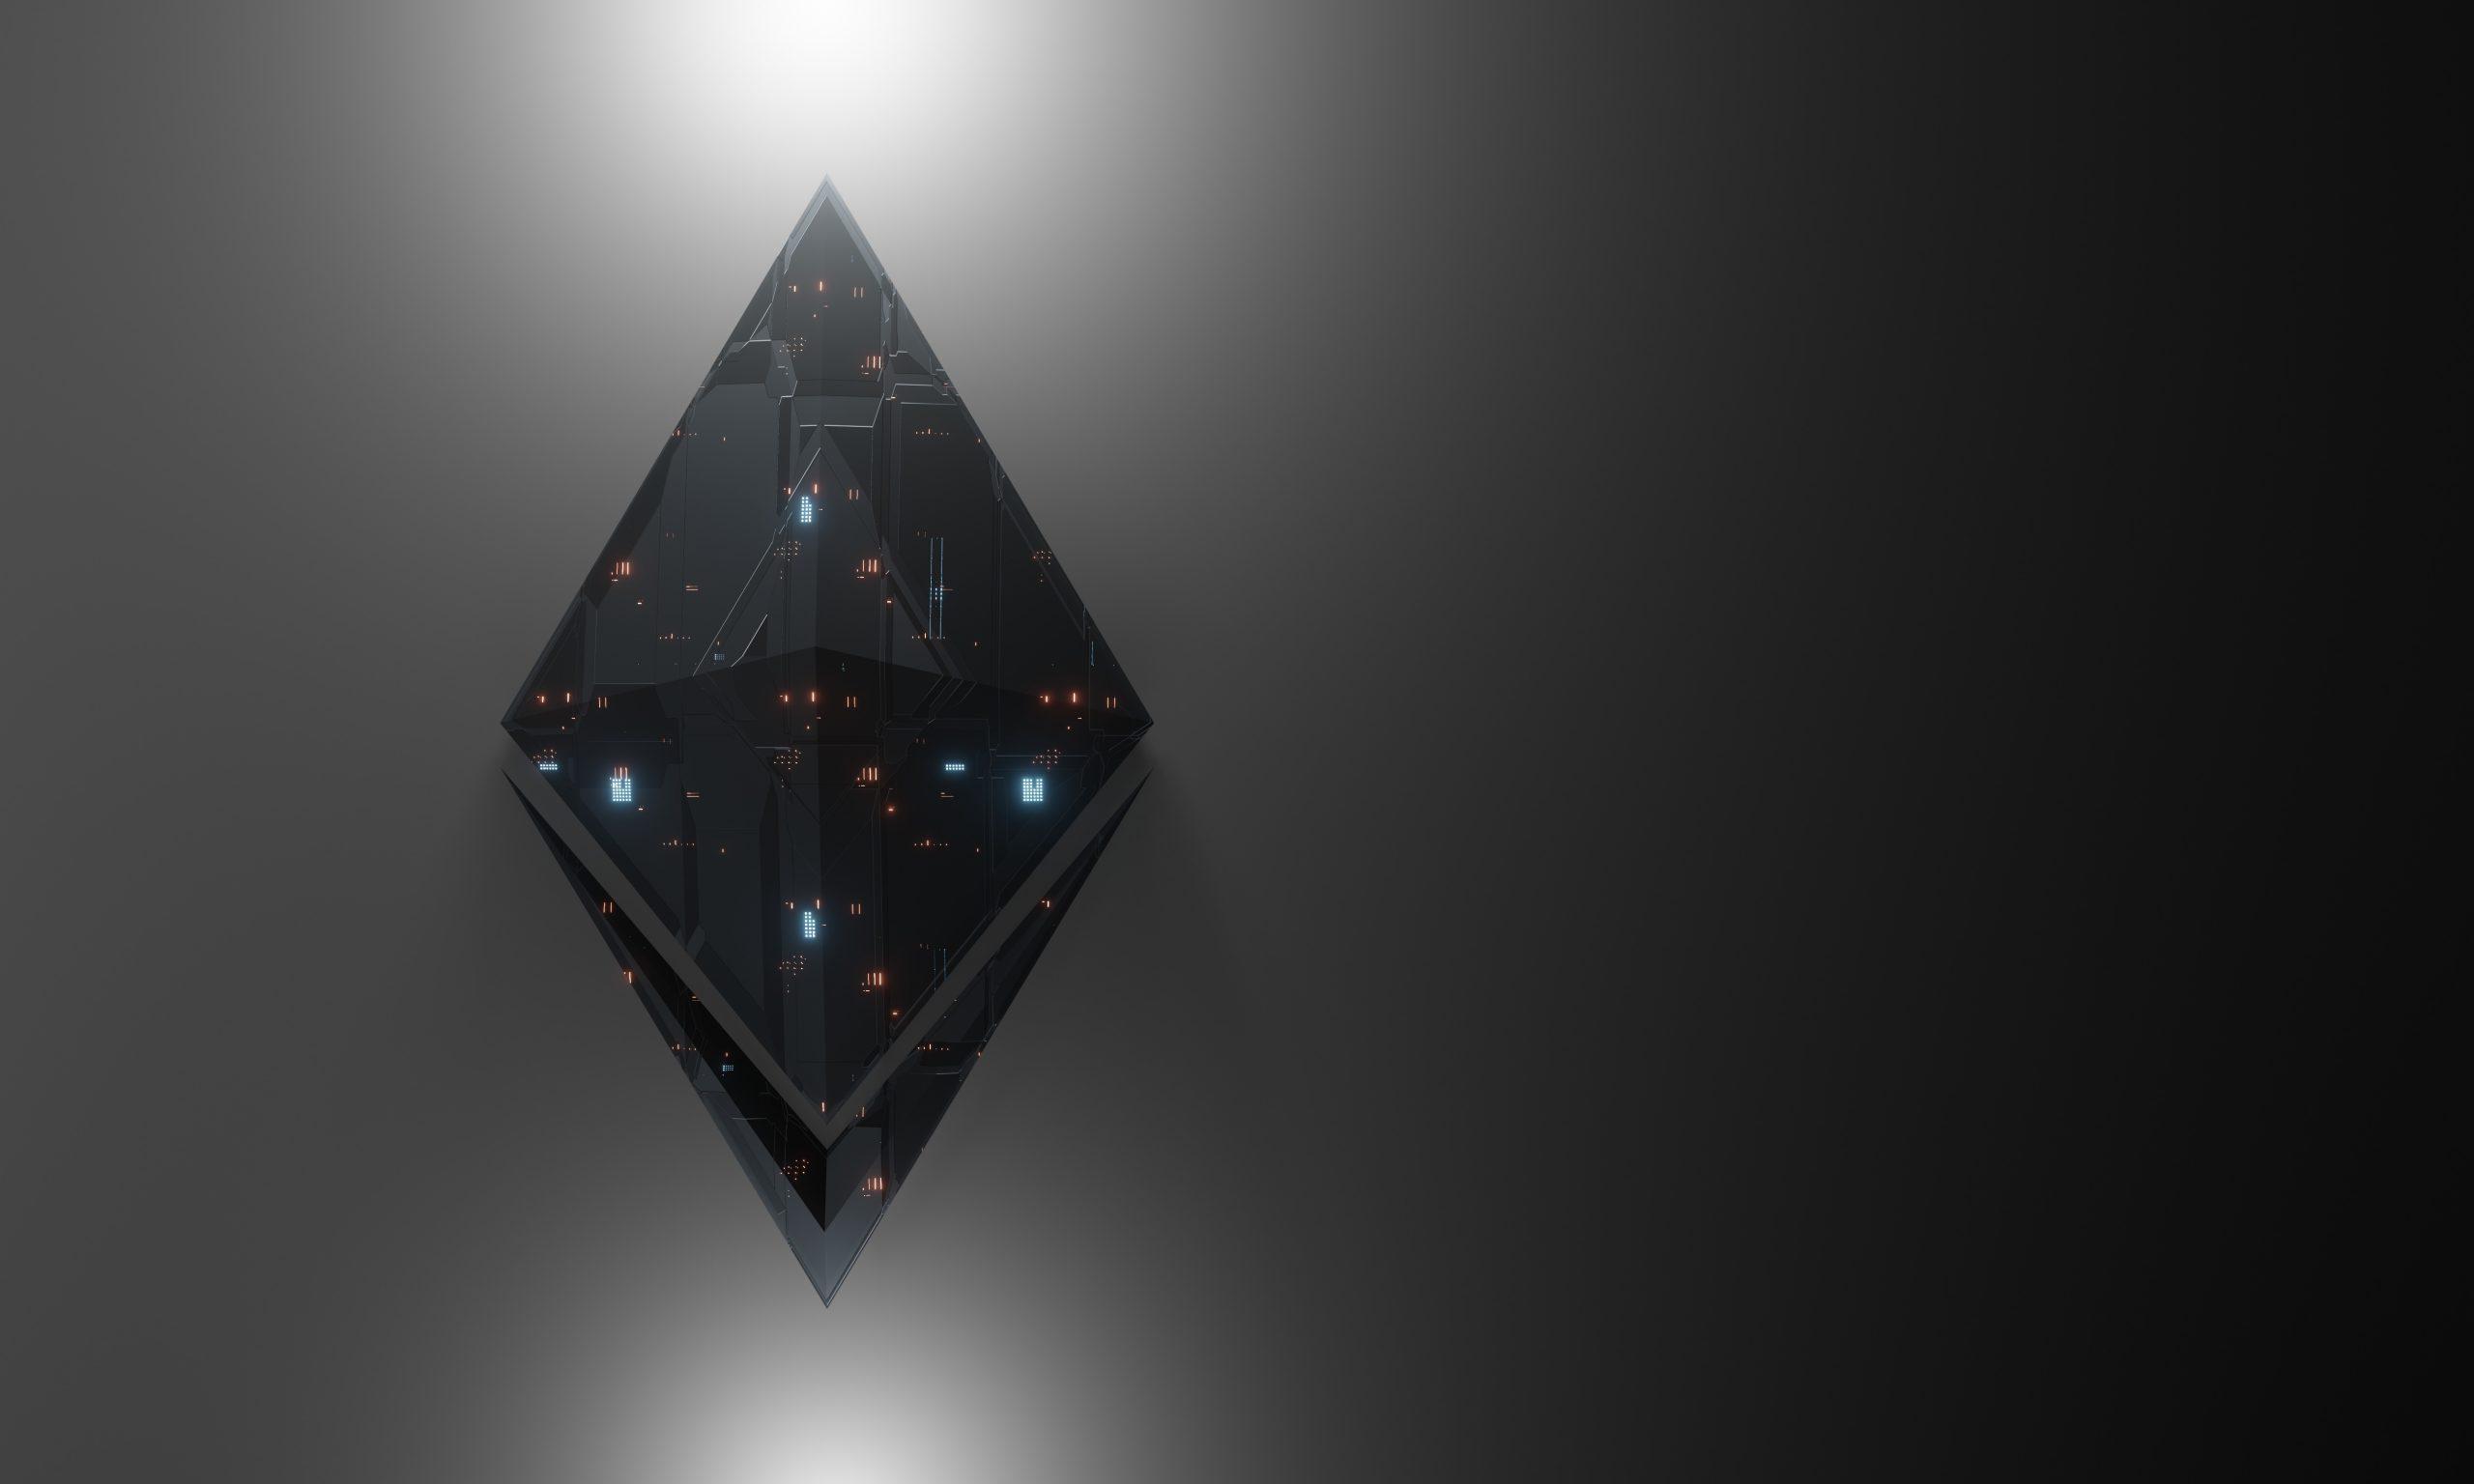 Mede-oprichter Ethereum stopt met crypto vanwege veiligheidsproblemen